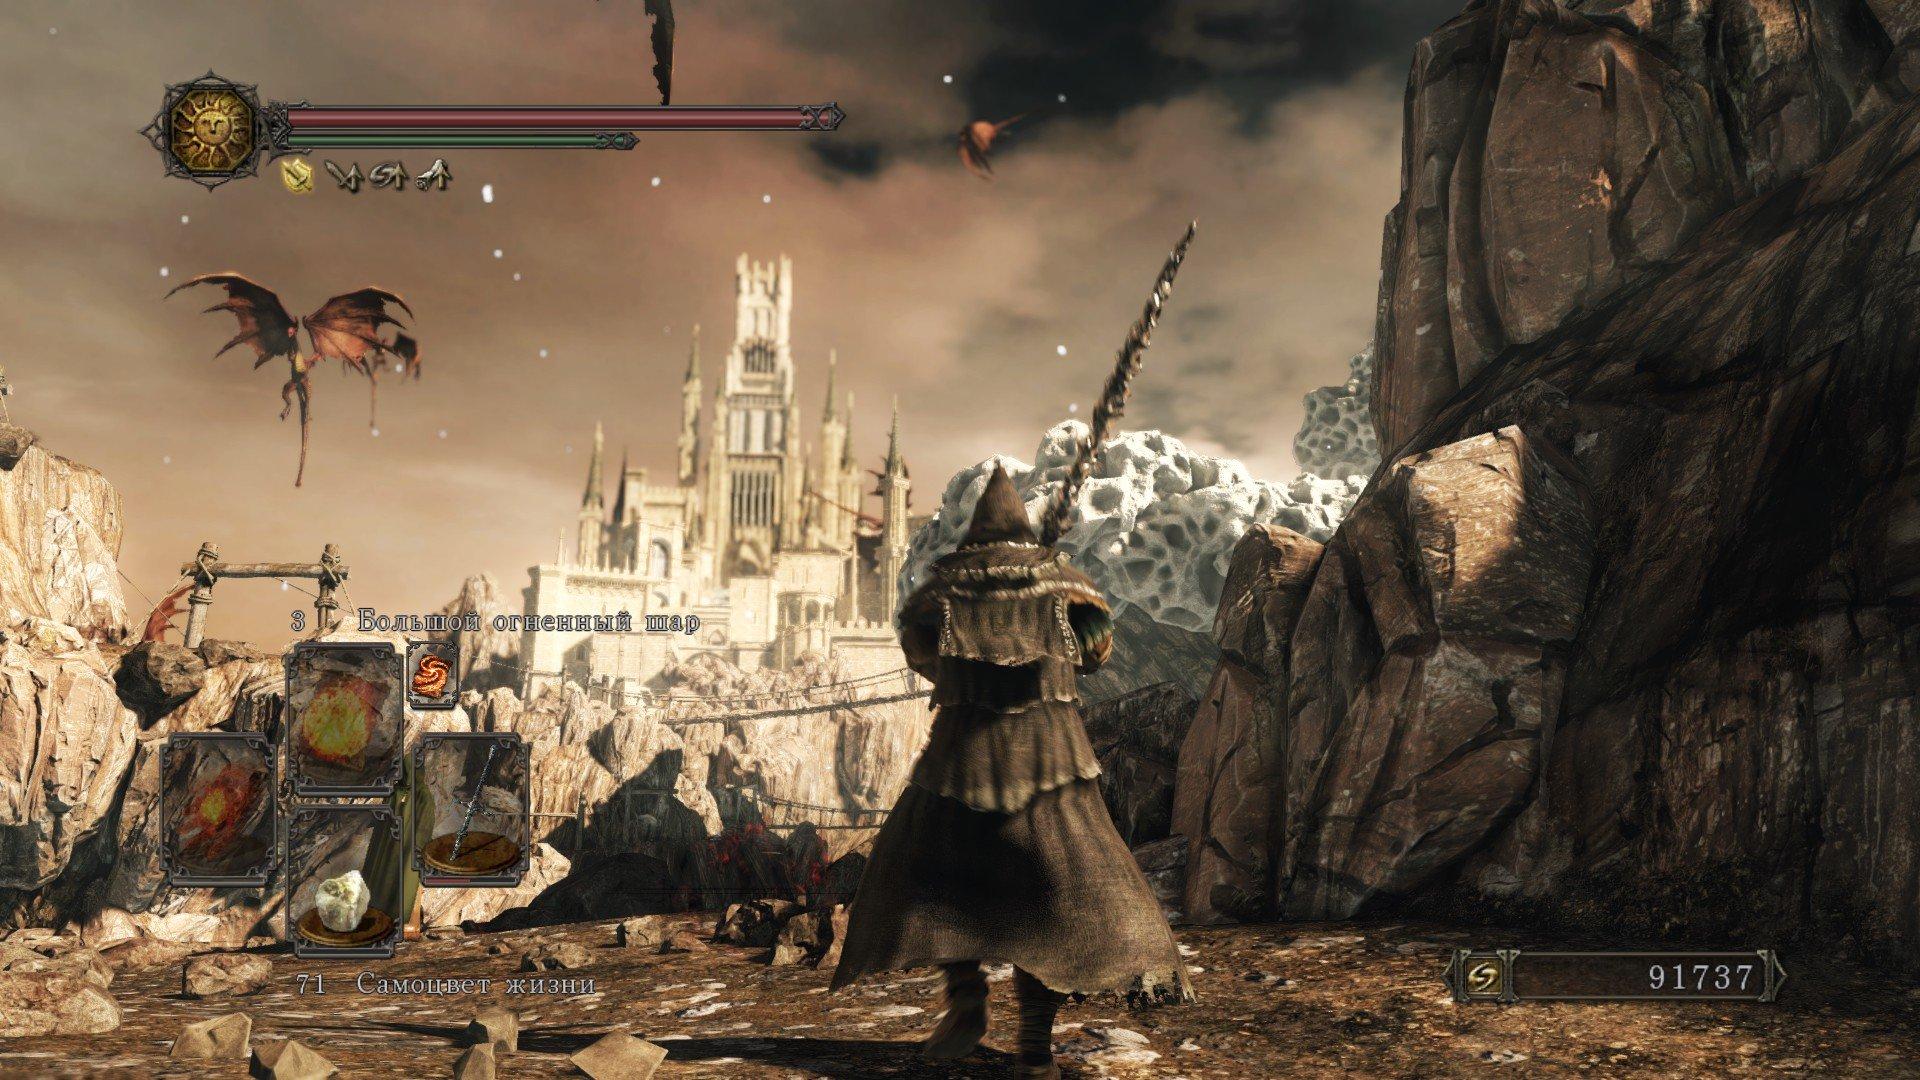 Вопль-прохождение Dark Souls 2 ... получилось много скриншотов -_- - Изображение 19